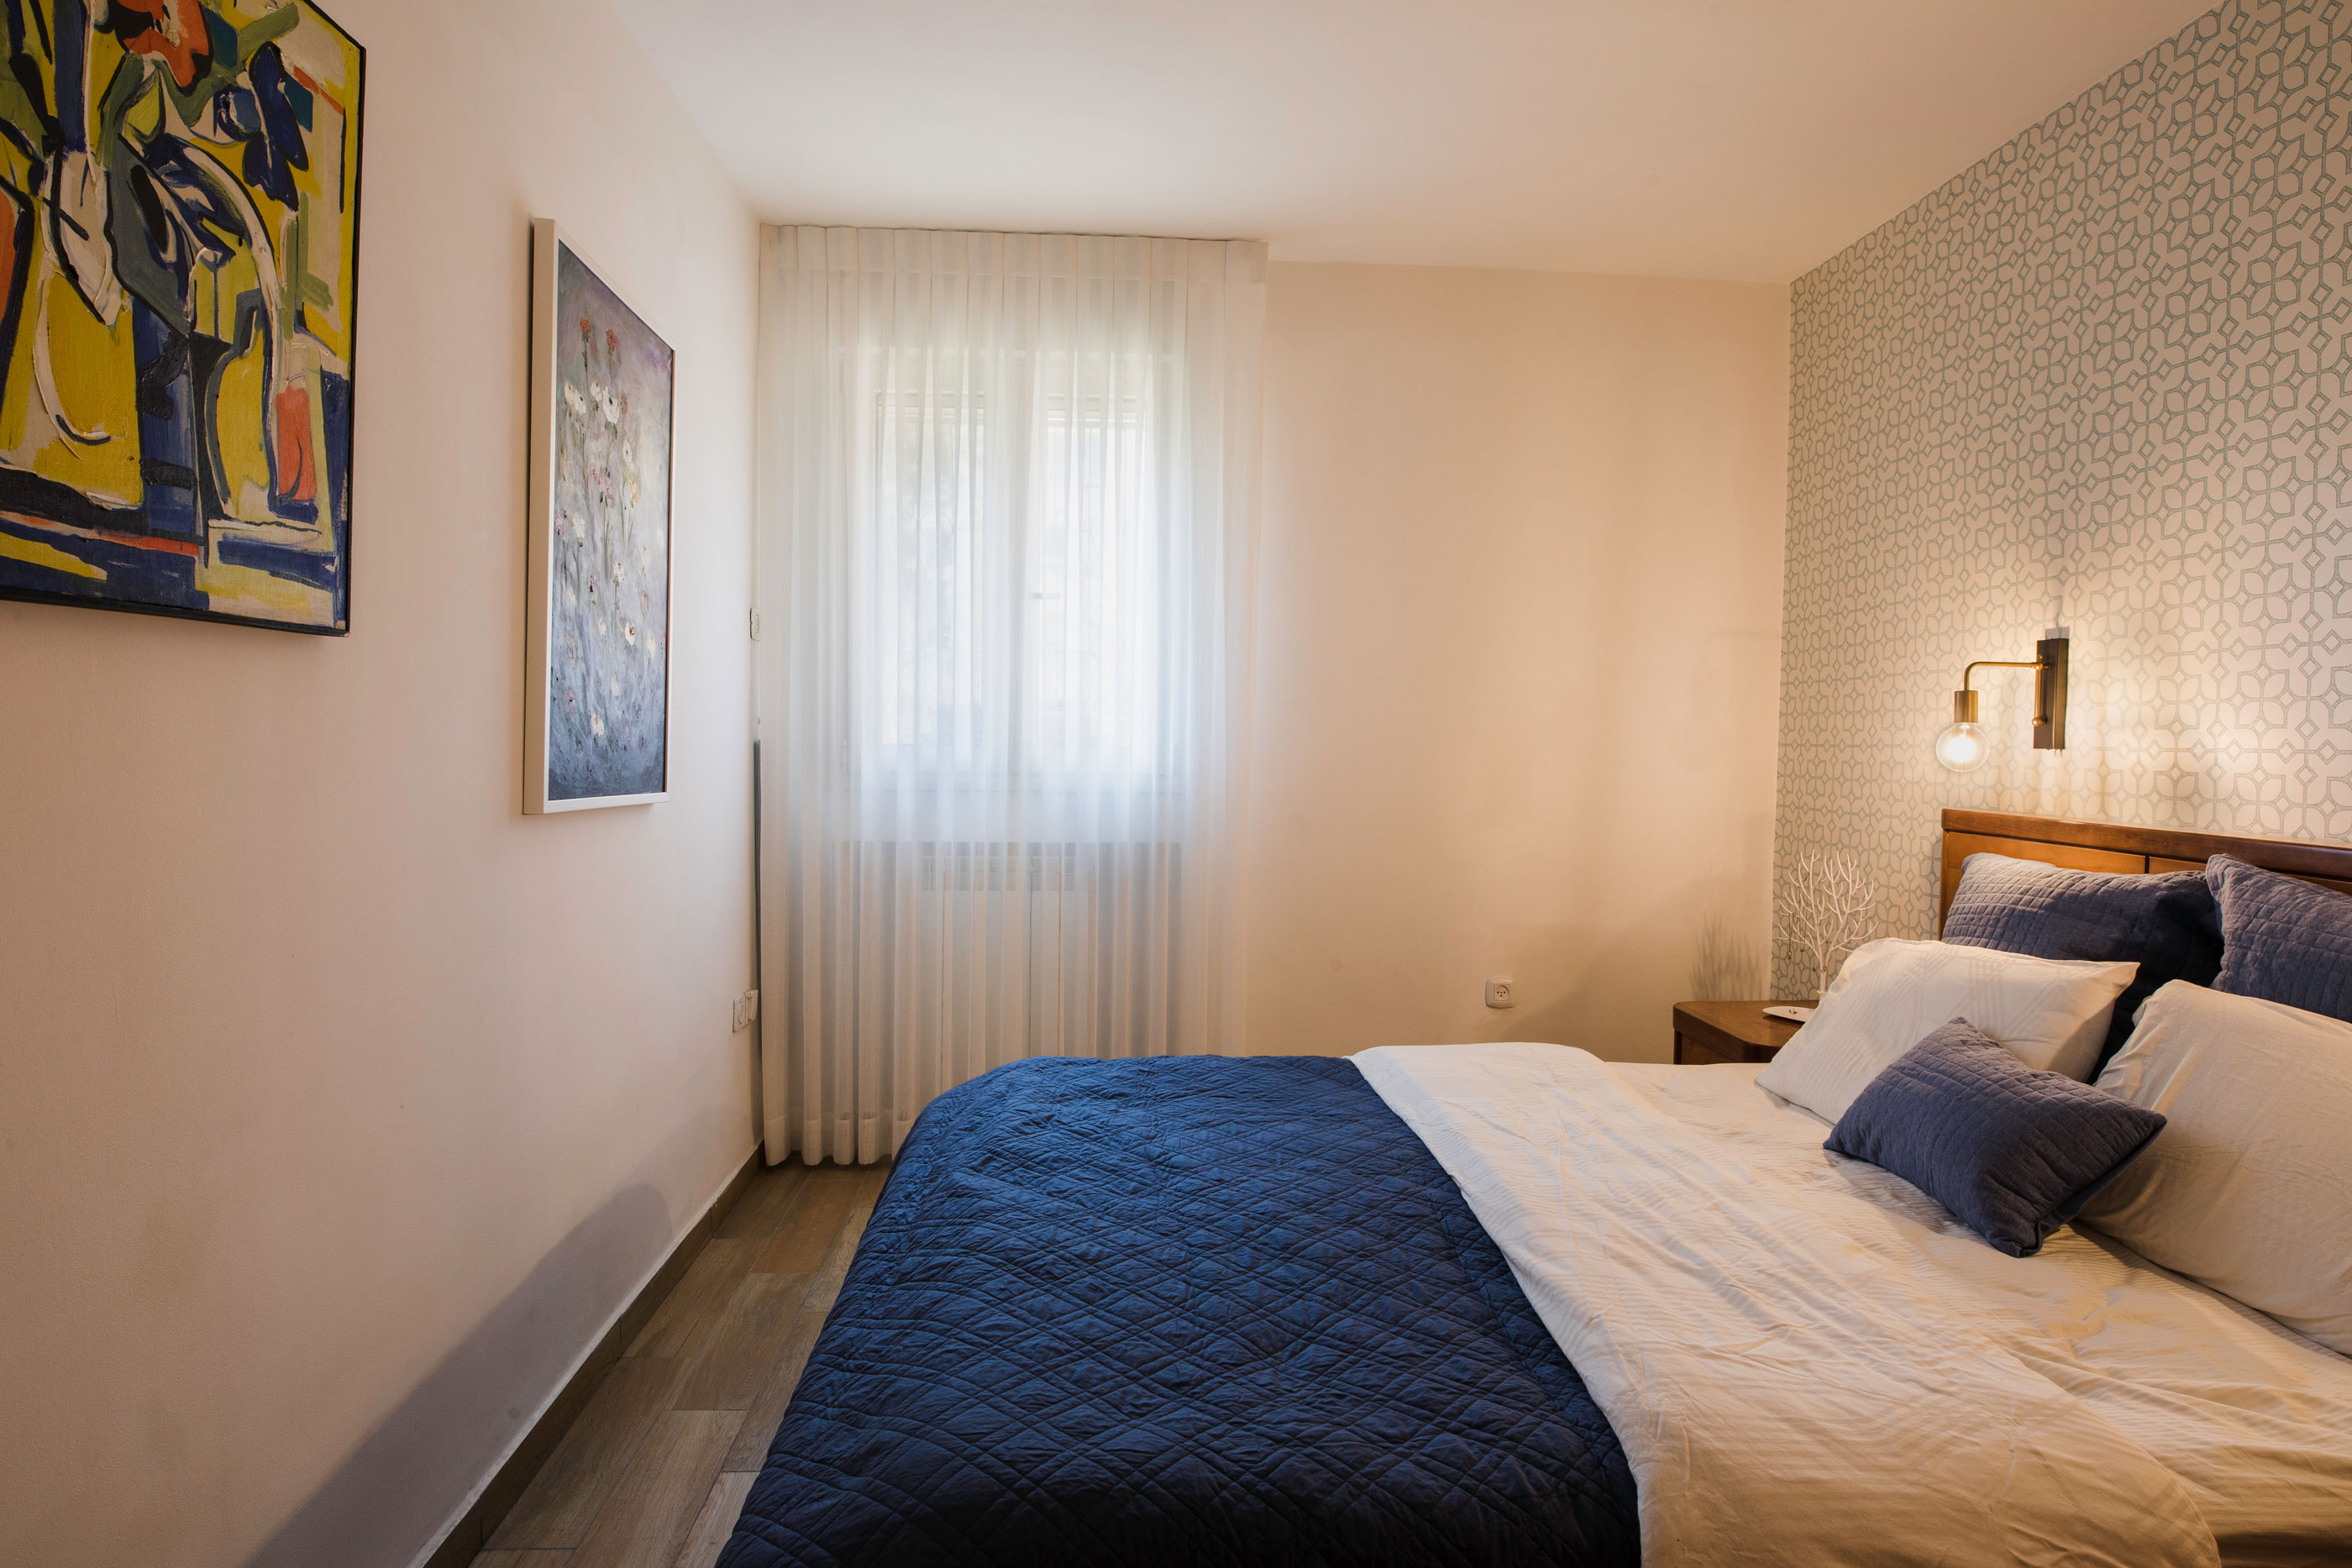 חדר שינה מעוצב בחם וקר